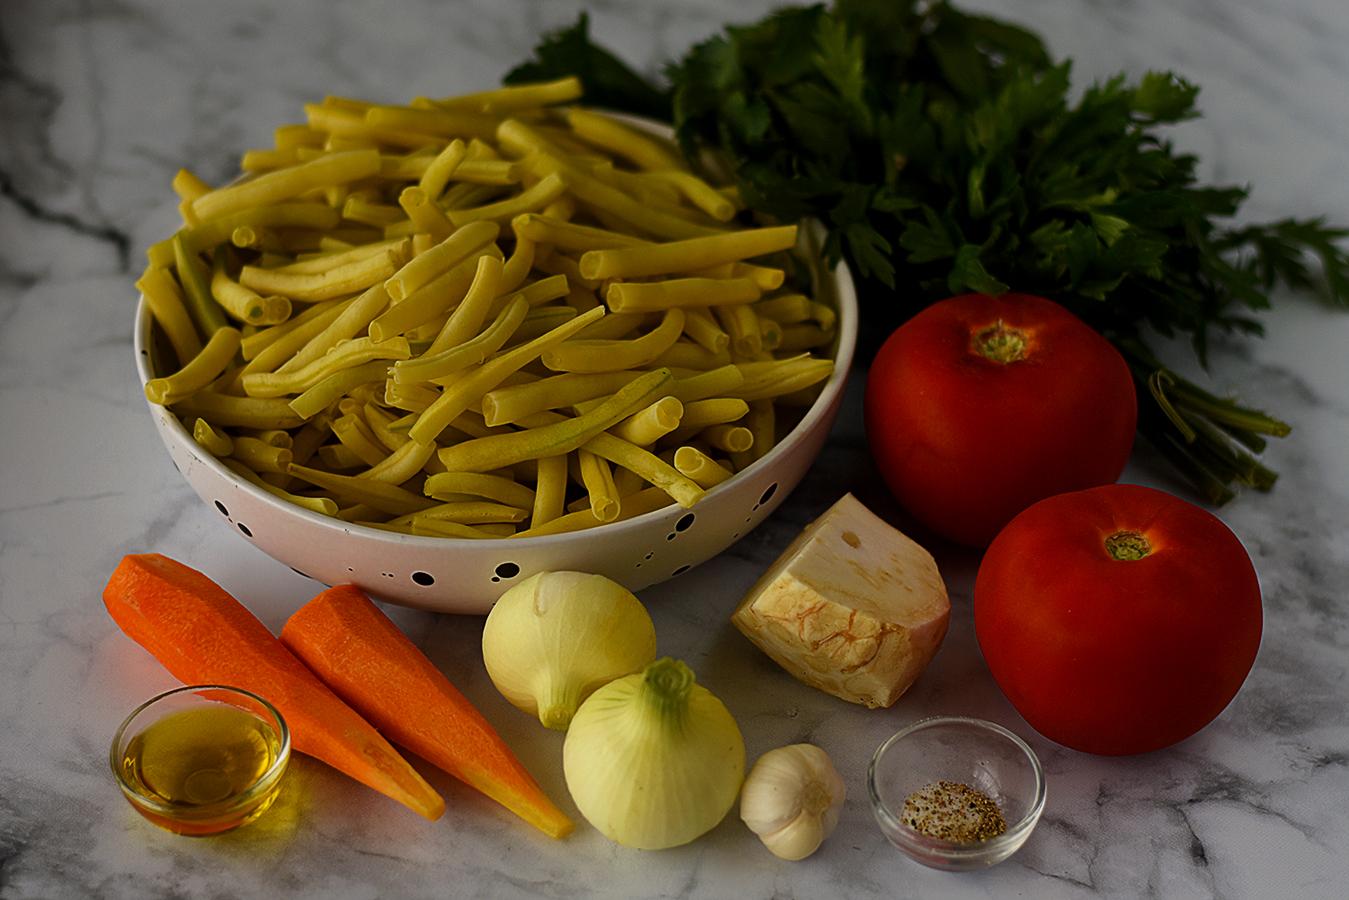 Ciorba de fasole galbena pastai